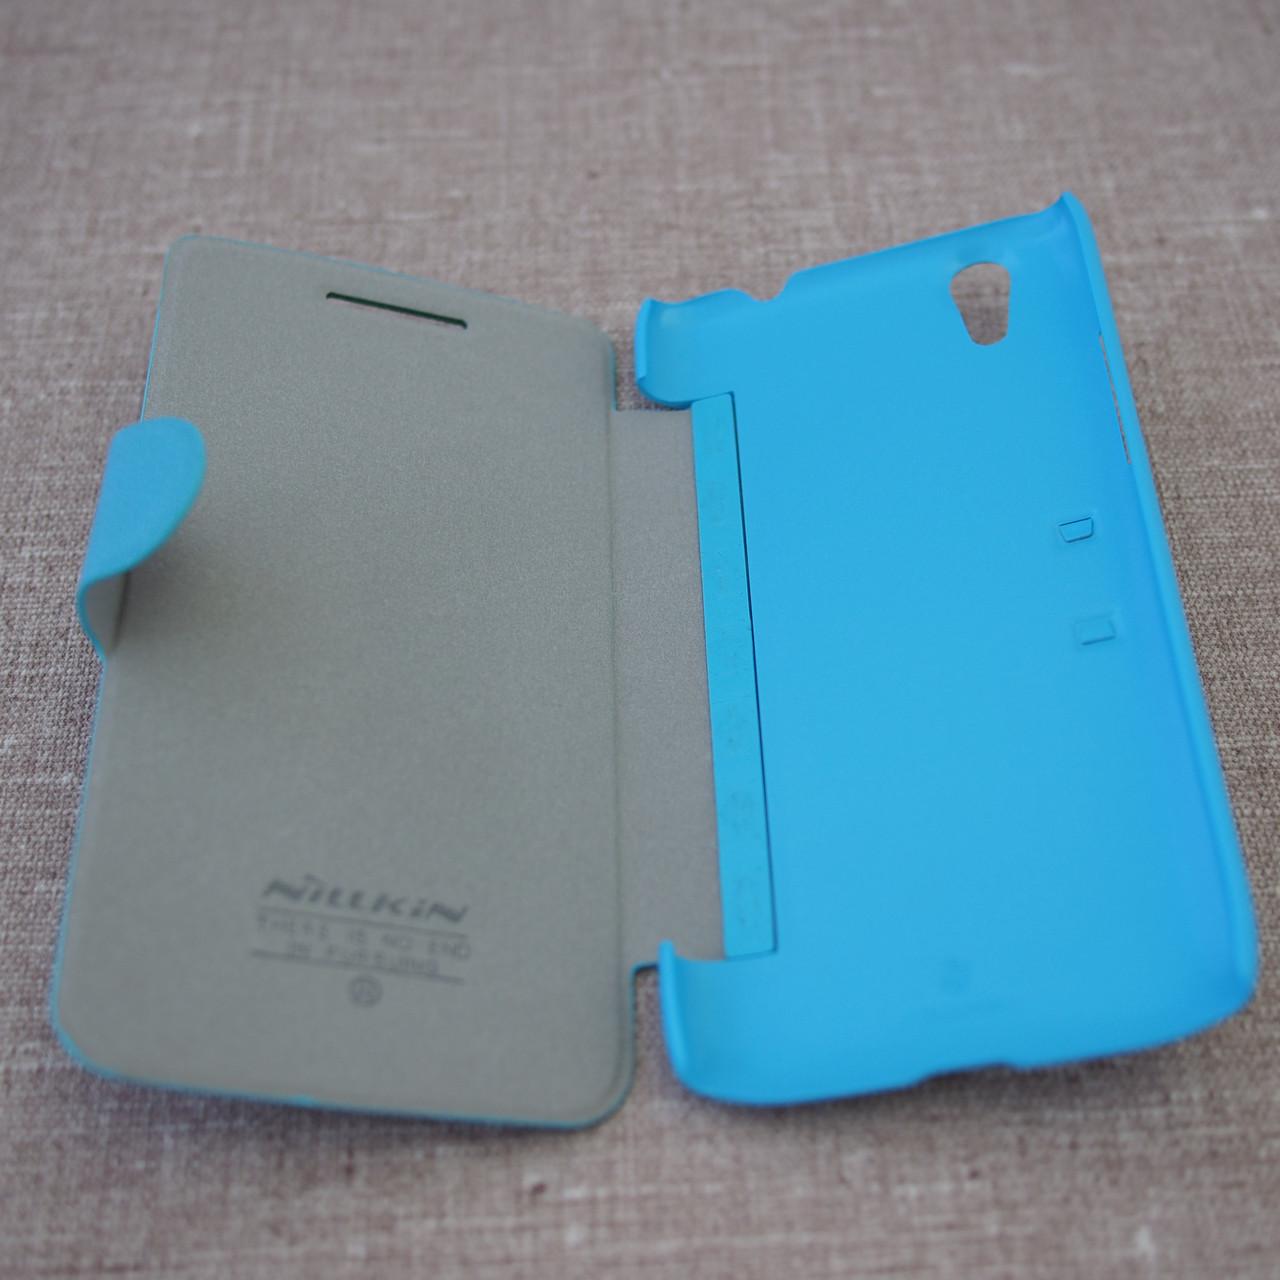 Чехлы для других смартфонов Nillkin Fresh Lenovo S960 light-blue Для телефона